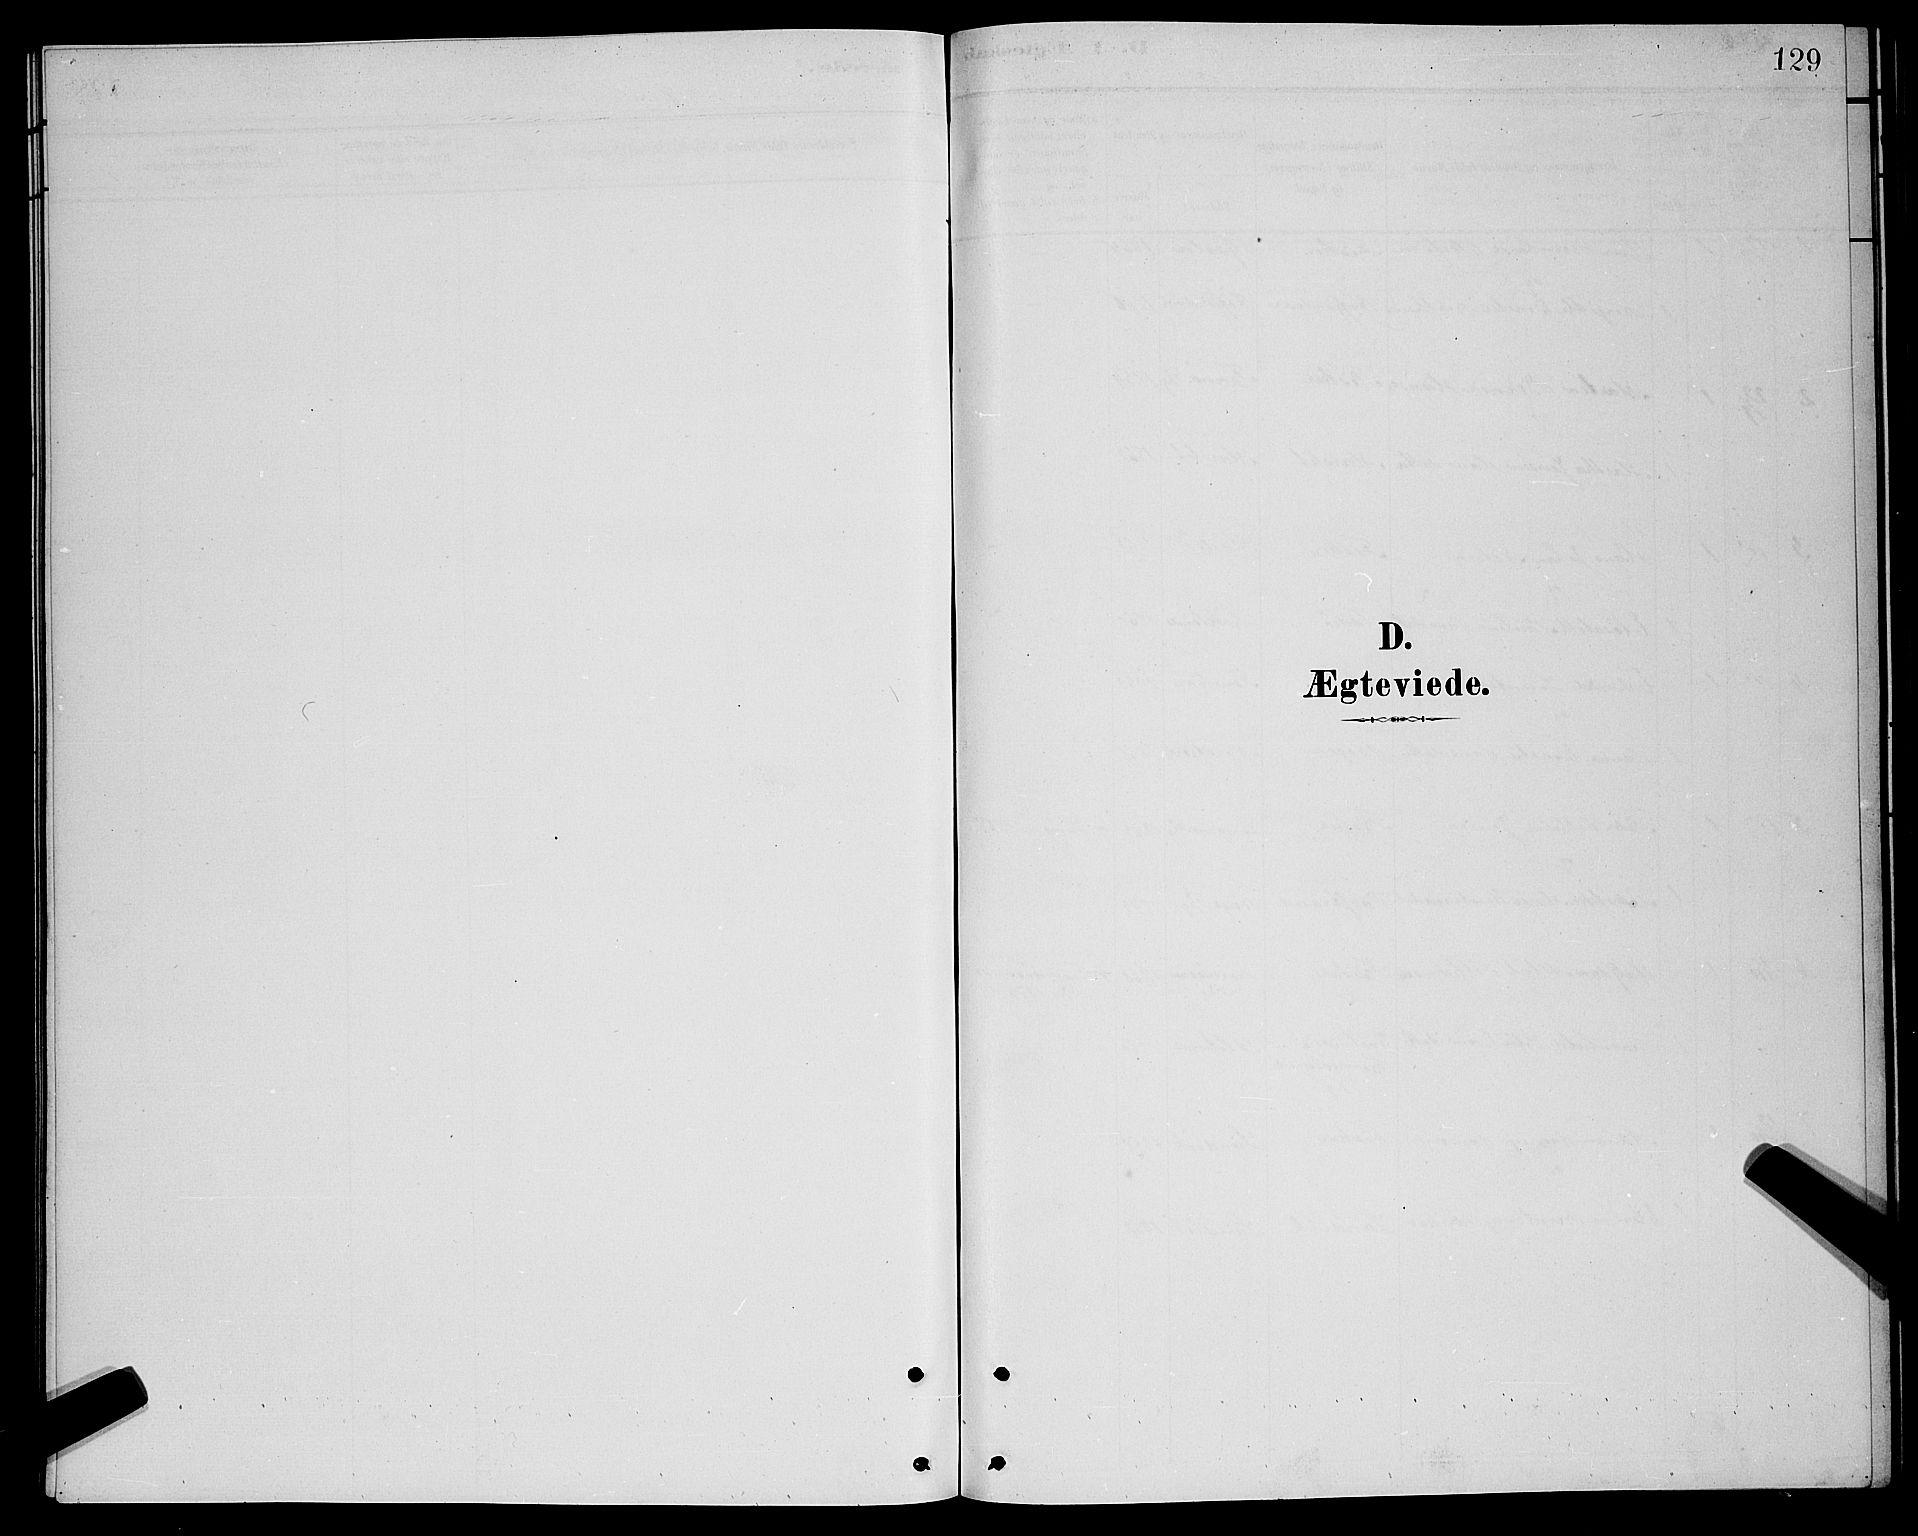 SATØ, Lenvik sokneprestembete, H/Ha: Klokkerbok nr. 21, 1884-1900, s. 129